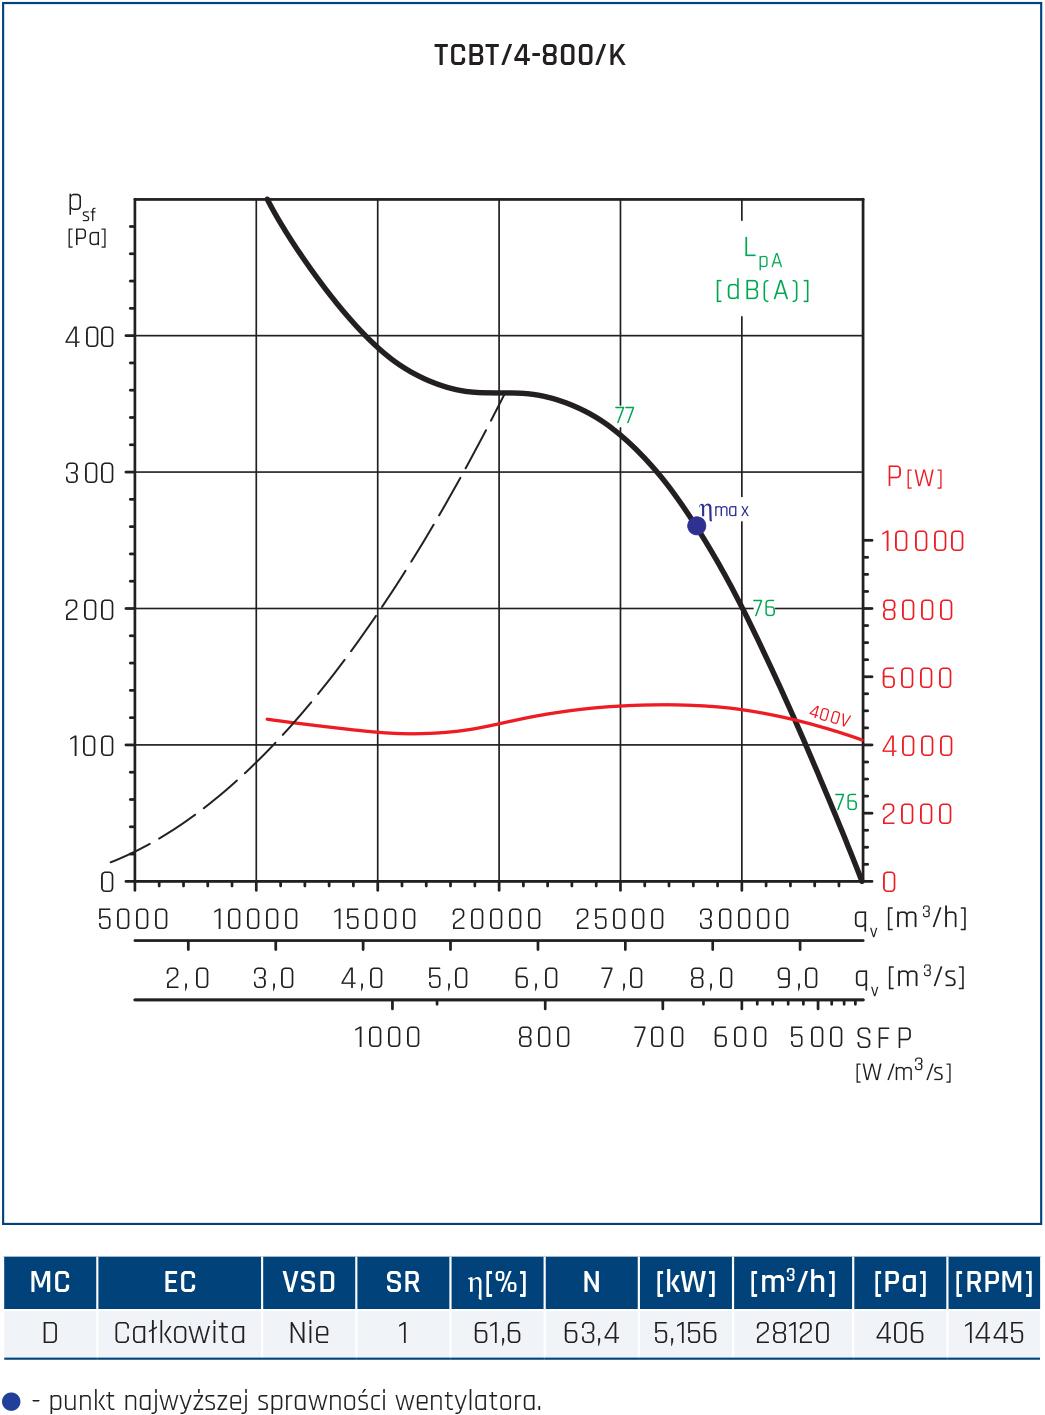 Wentylator Compact TCBB/TCBT 54